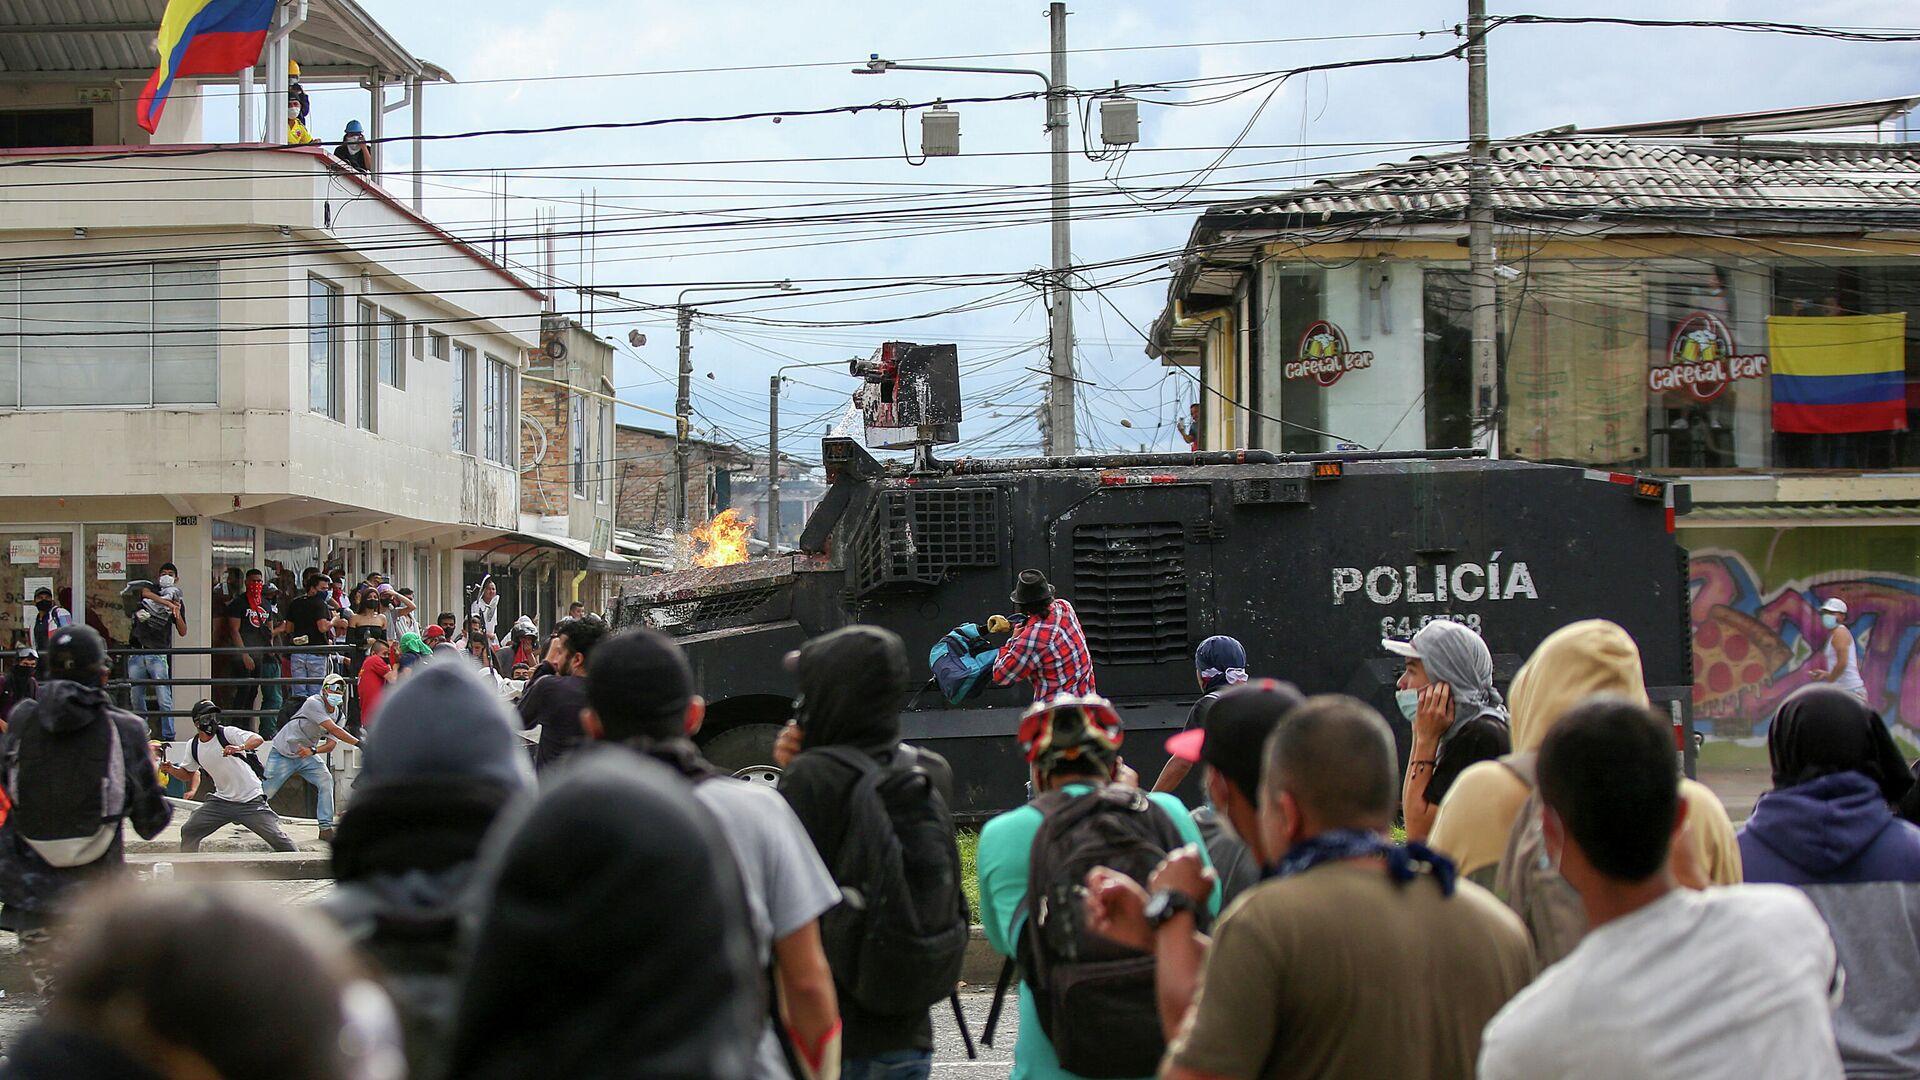 Protestas en Popayán, Colombia  - Sputnik Mundo, 1920, 27.08.2021